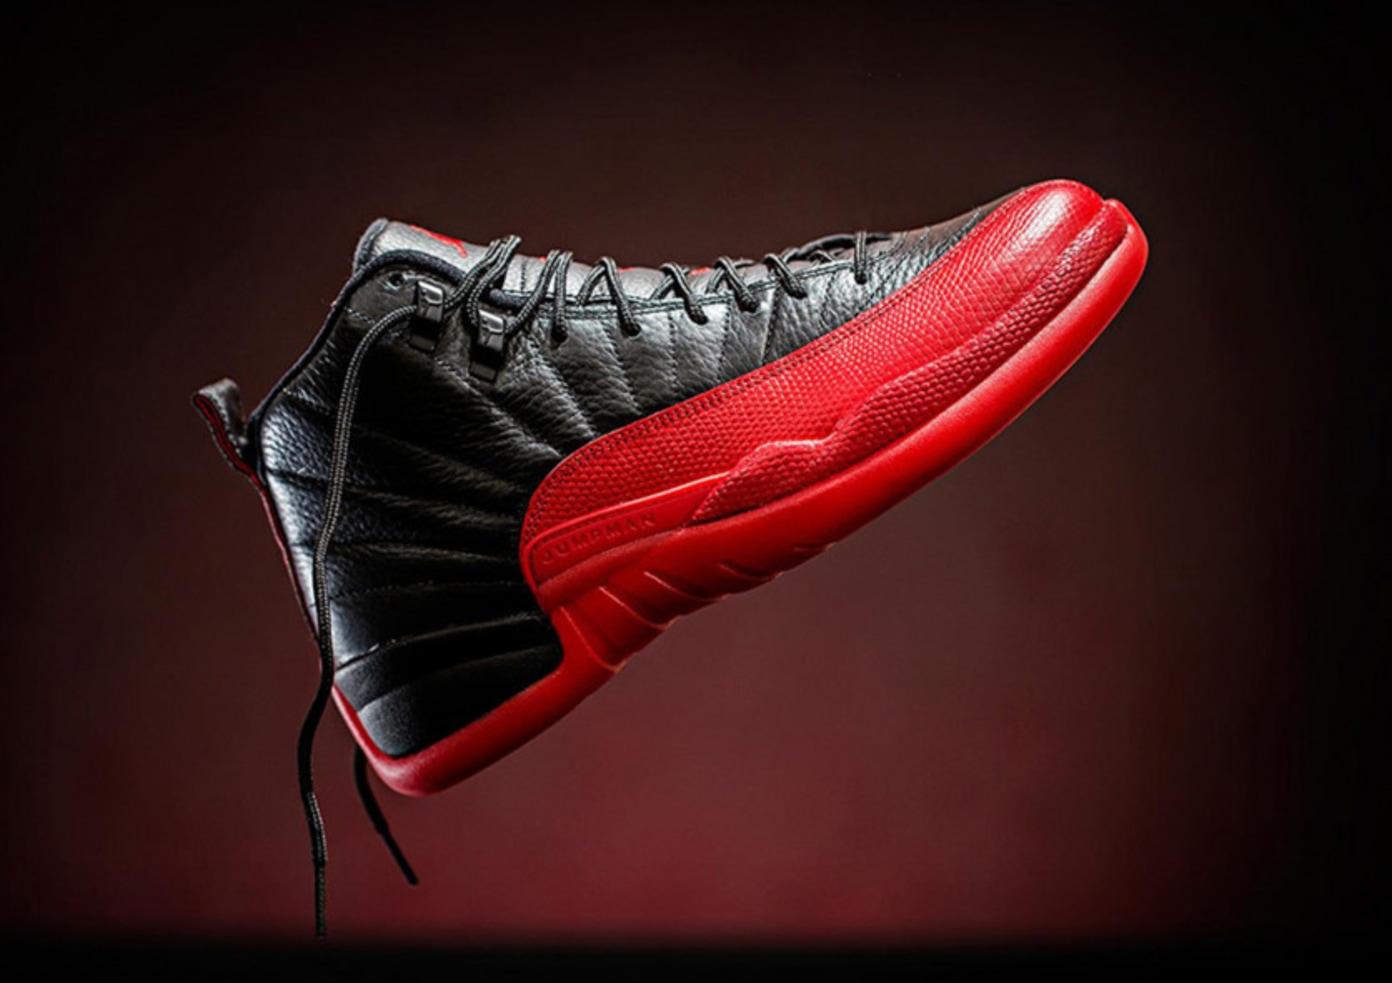 #FactsFriday: The Air Jordan 12